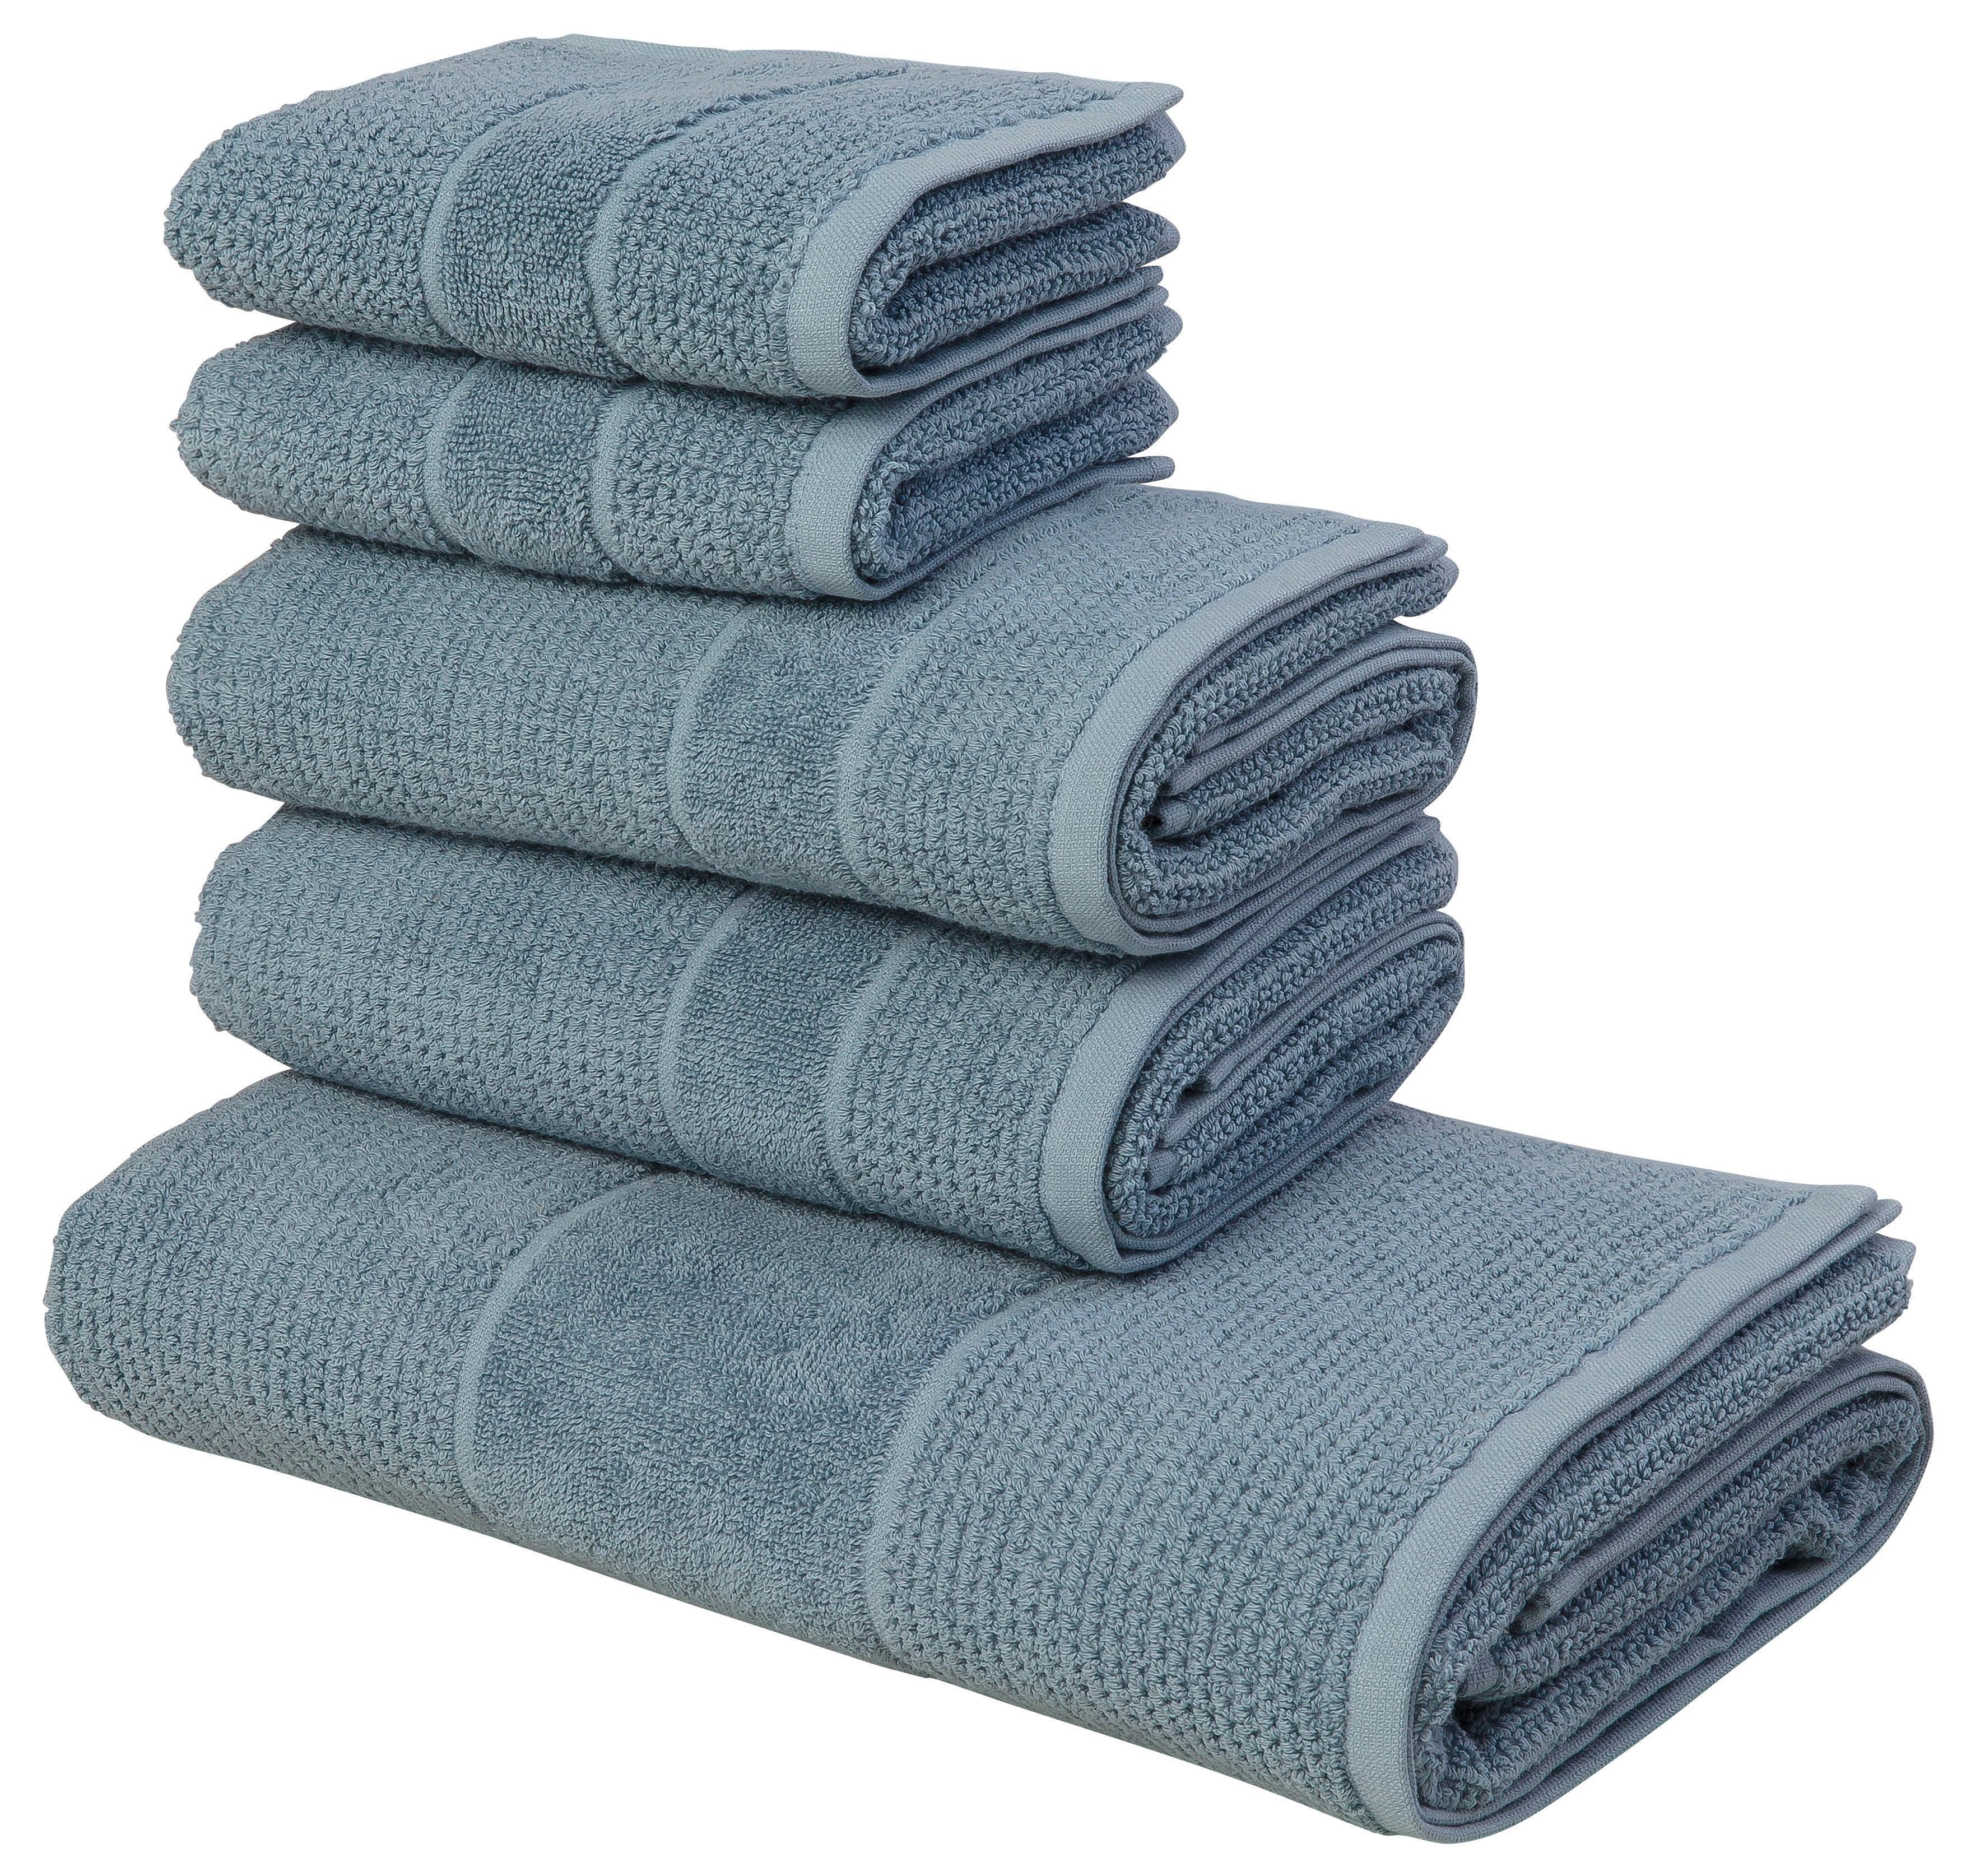 andas handdoekenset Kimi met een bijzondere structuur (set, 5-delig) - gratis ruilen op otto.nl